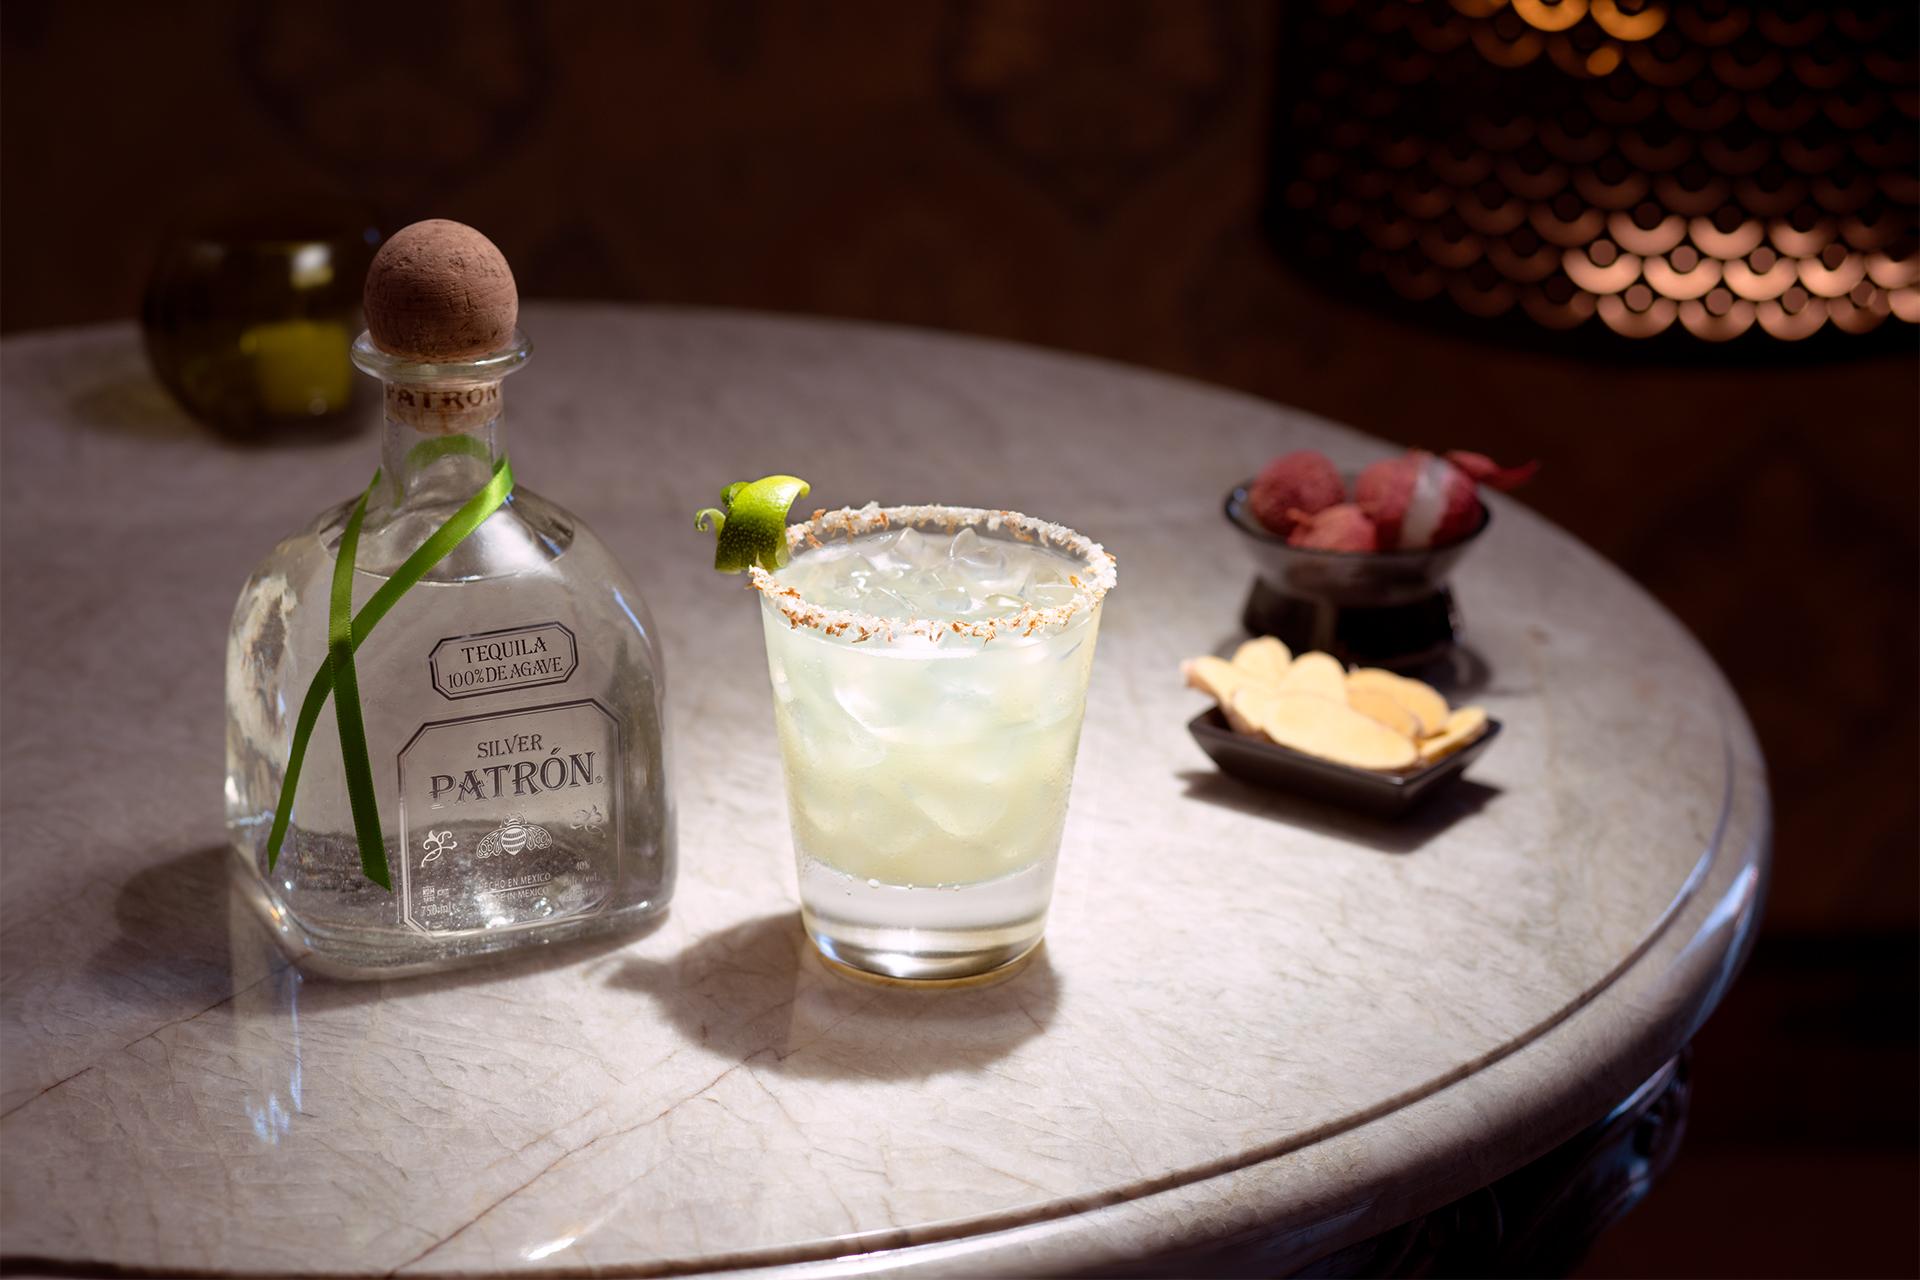 Litschi und Ingwer harmonieren perfekt mit dem Patrón Silver Tequila und der Grapefruitsalzrand verleiht der Margarita Tiefe